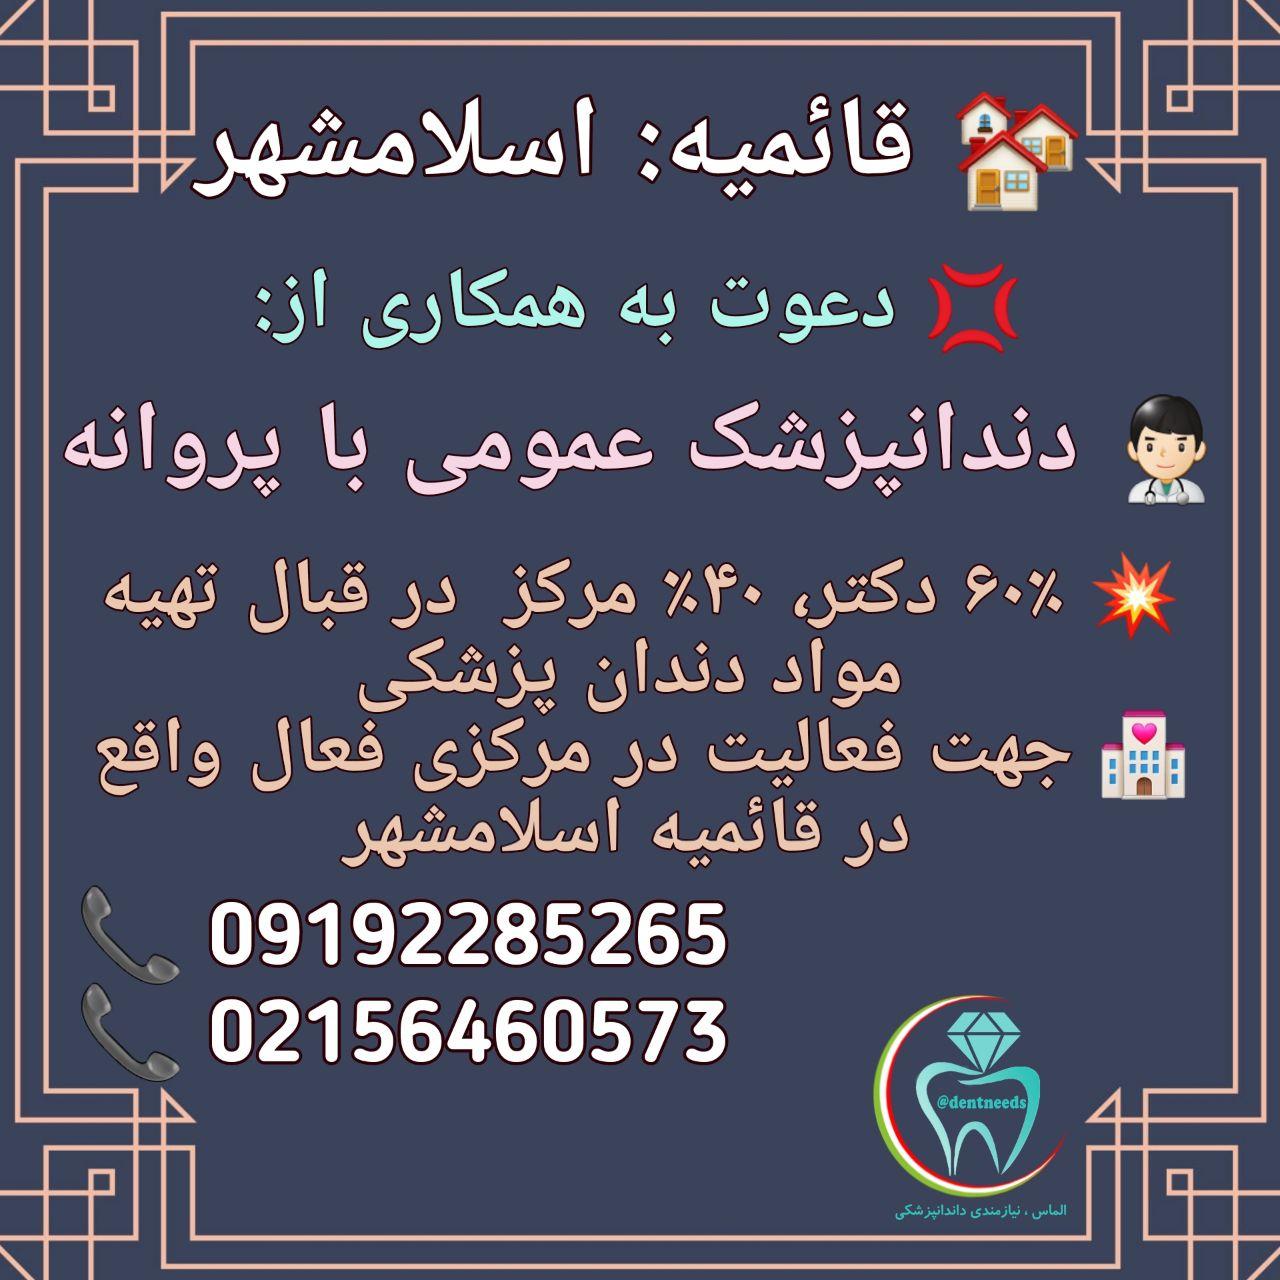 قائمیه: اسلامشهر، دعوت به همکاری از دندانپزشک عمومی با پروانه